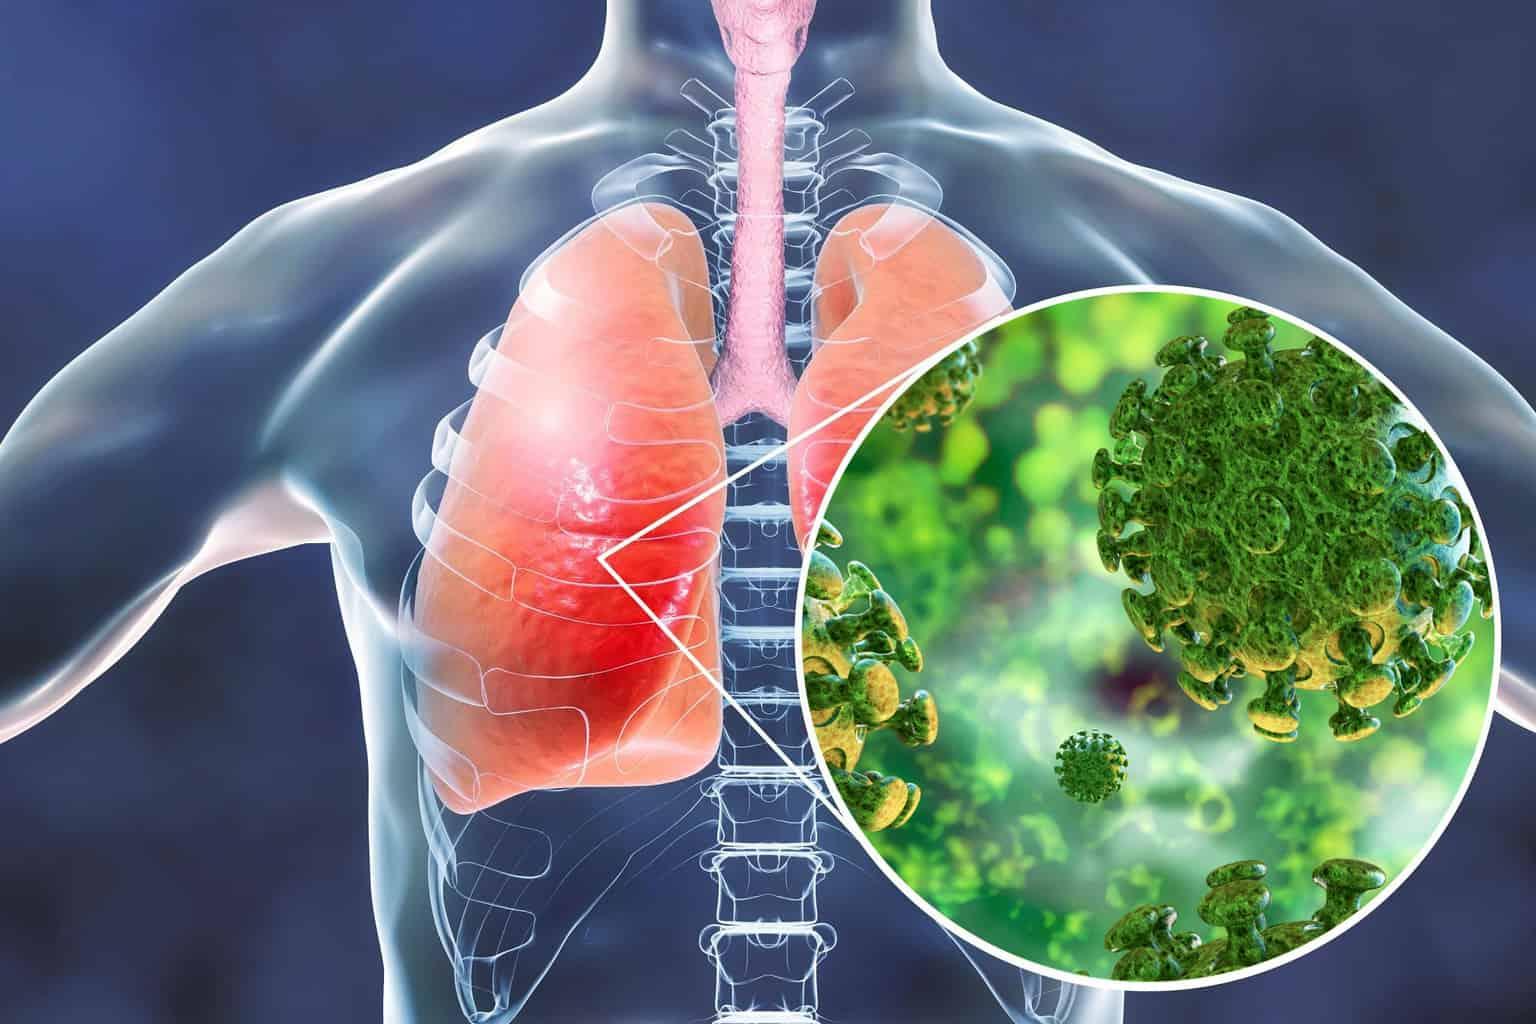 Ilustrasi Penyakit Pneumonia yang Disebabkan oleh Virus Corona